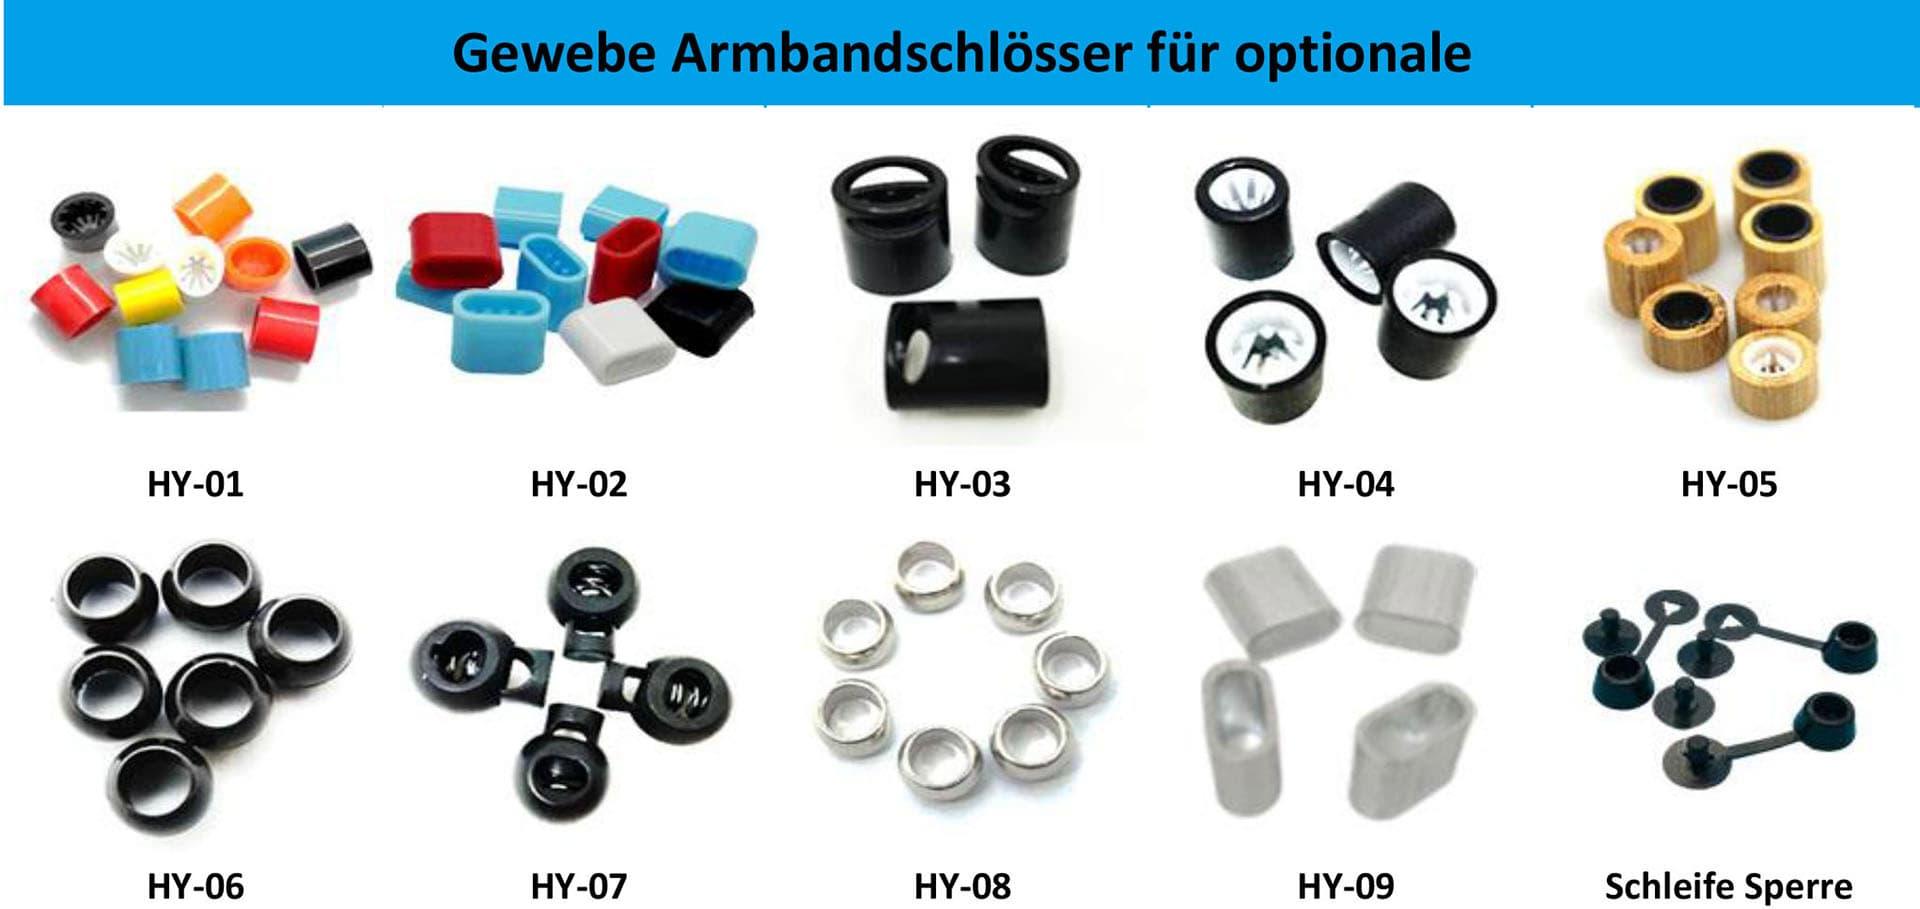 Gewebe Armbandschlösser für optionale